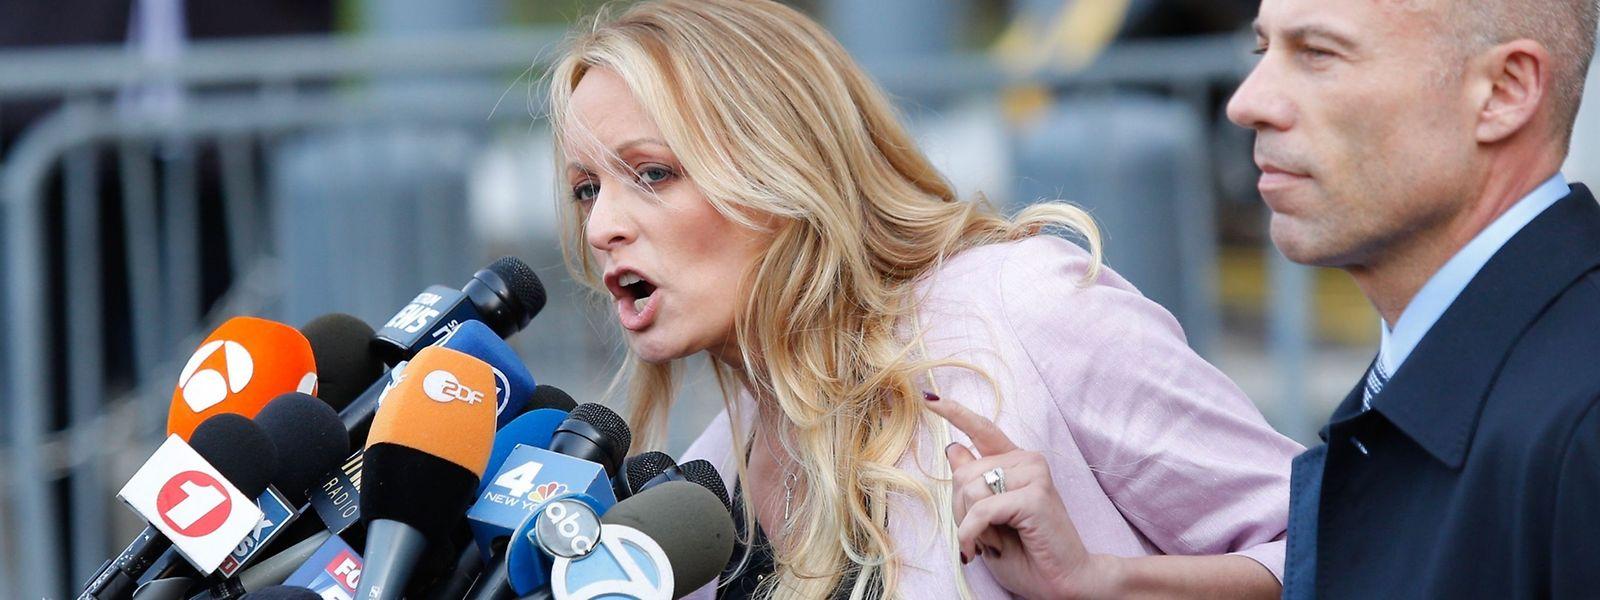 Stephanie Clifford behauptet, 2006 Sex mit Donald Trump gehabt zu haben. Der Präsident bestreitet das. Unklar bleibt eine Zahlung von 130.000 Dollar an Clifford im Jahr 2016.